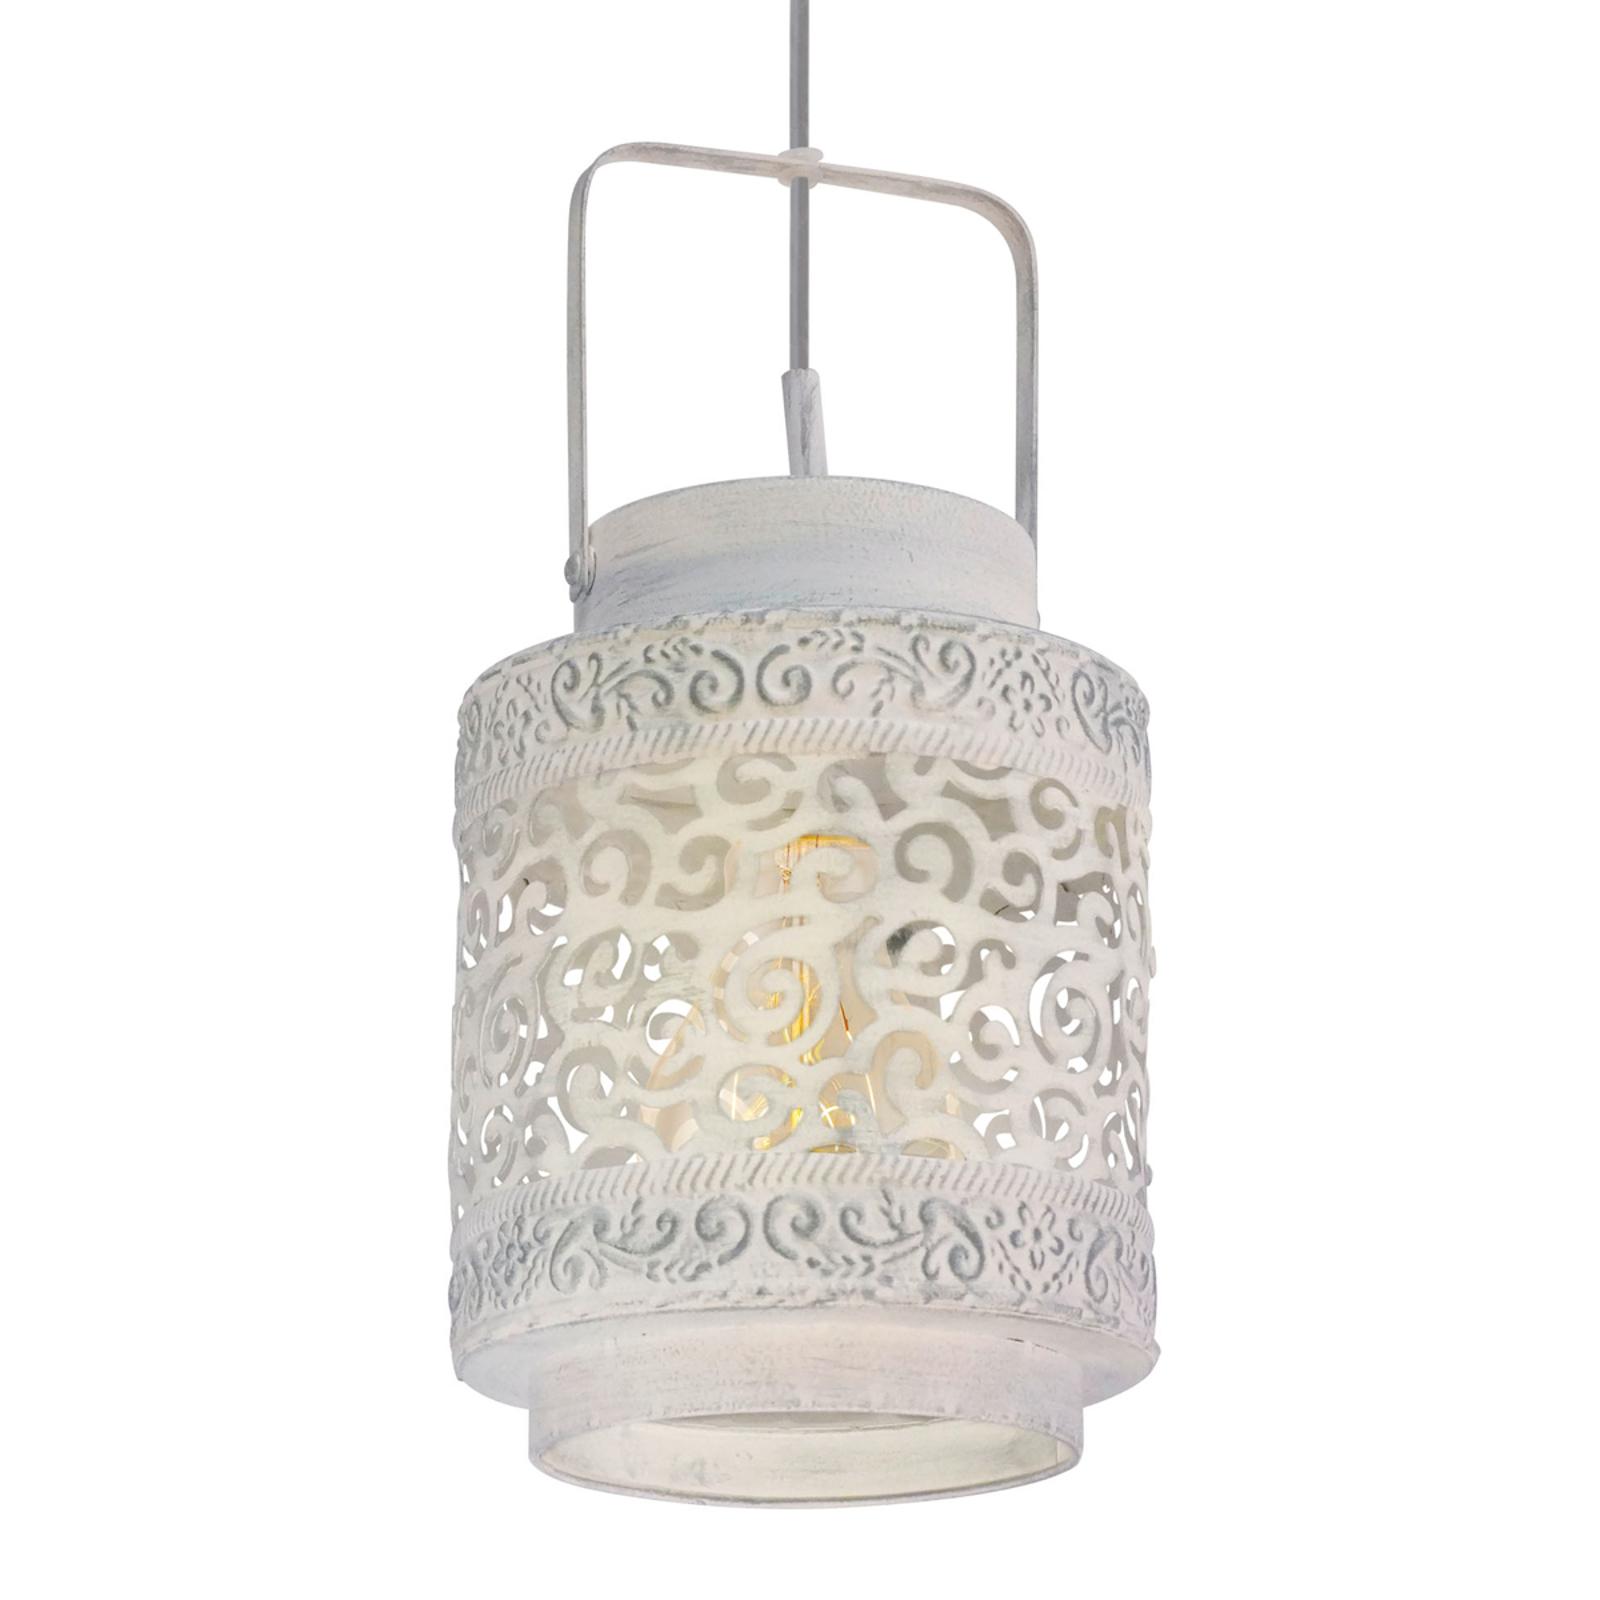 Lucernová závesná lampa Mariola_3031589_1